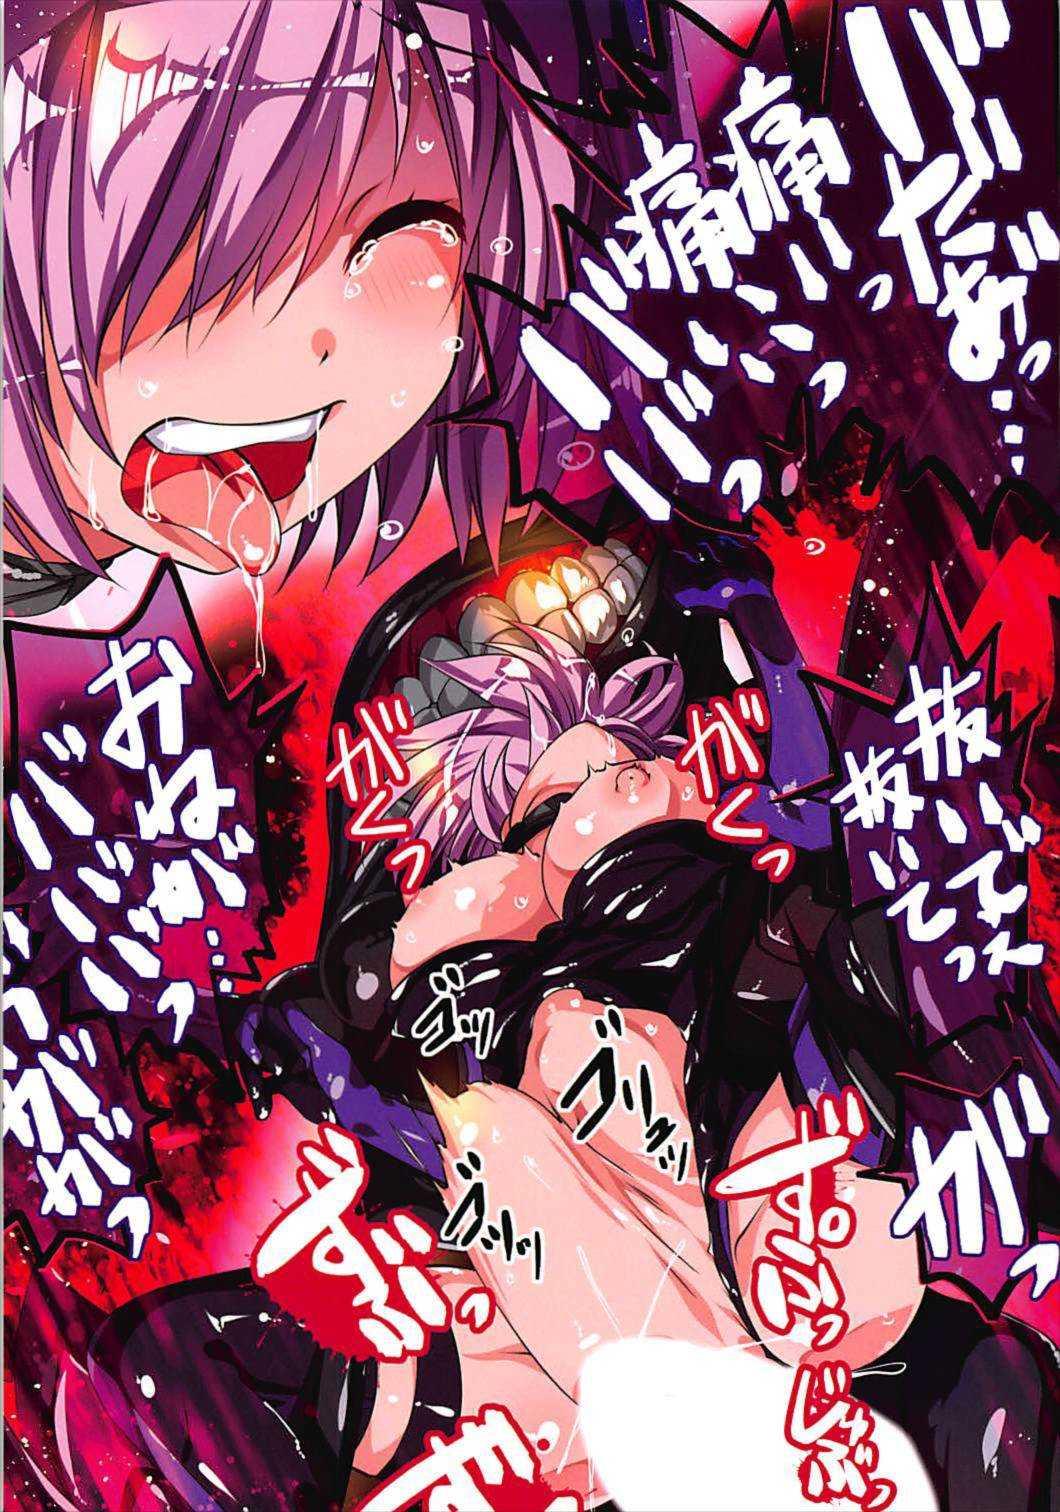 【エロ同人誌】悪堕ちした先輩に暴力的に犯され泣き叫ぶマシュwww【Fate/Grand Order/C92】